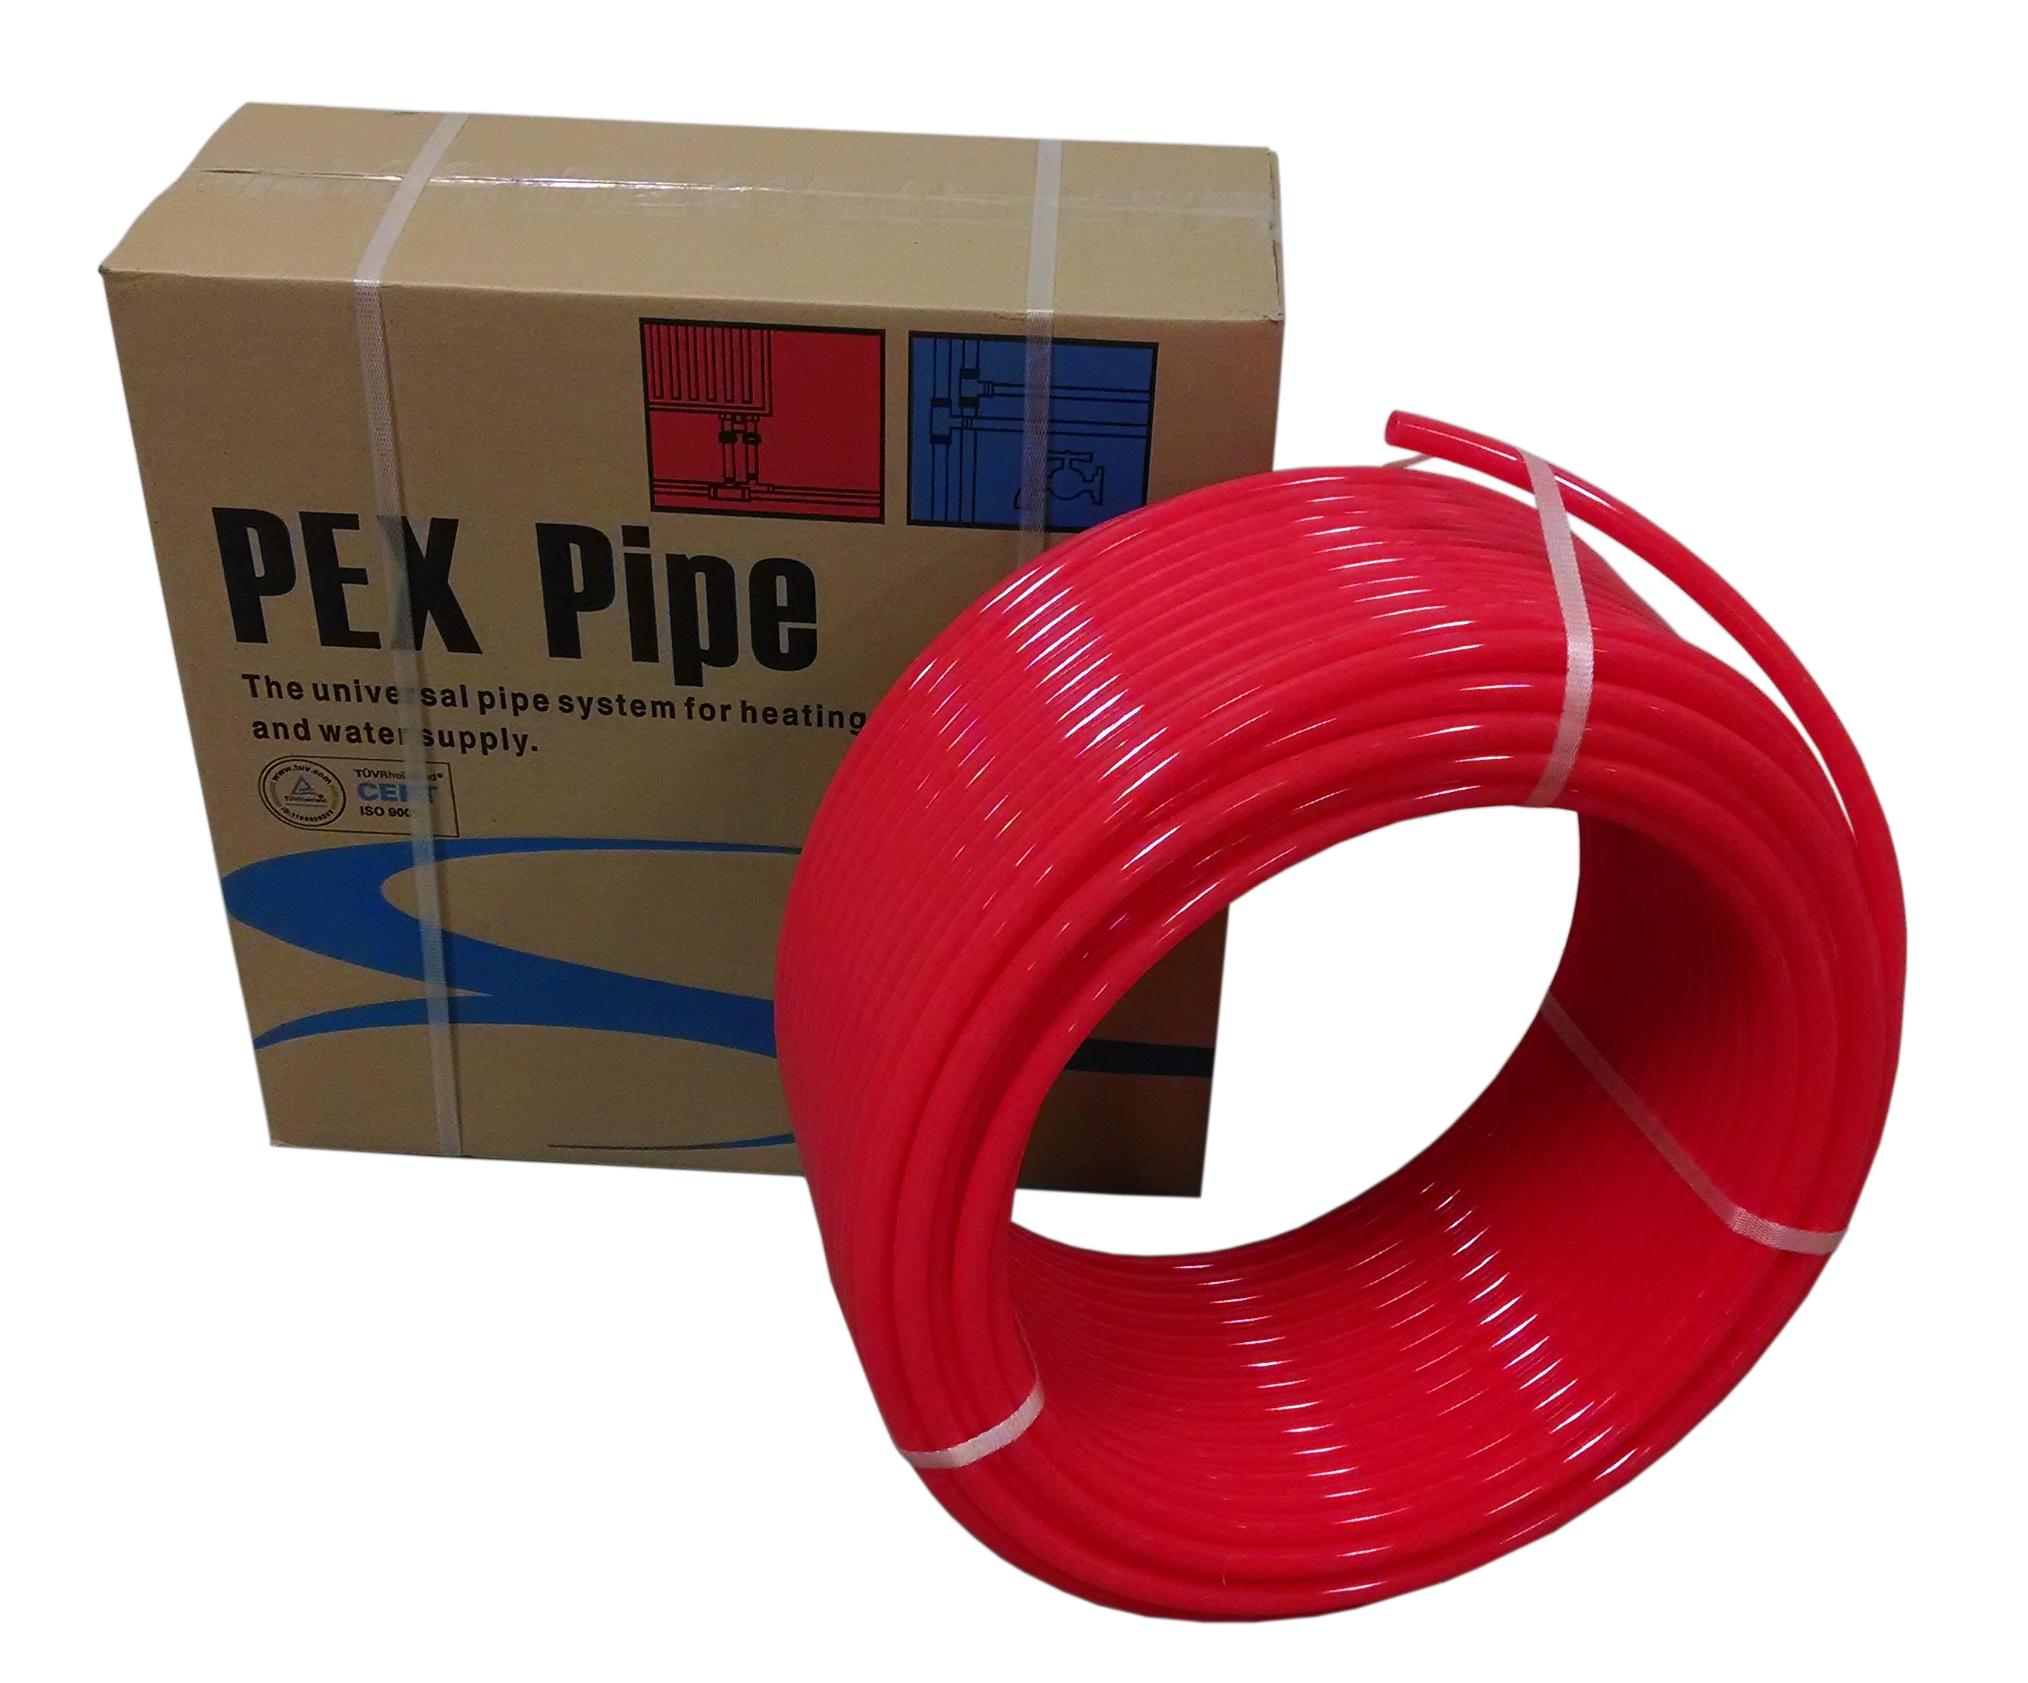 1/2  x 1000ft Pex Tubing Oxygen Barrier O2 EVOH Red 1000 ft Radiant Floor Heat  sc 1 st  eBay & 1/2